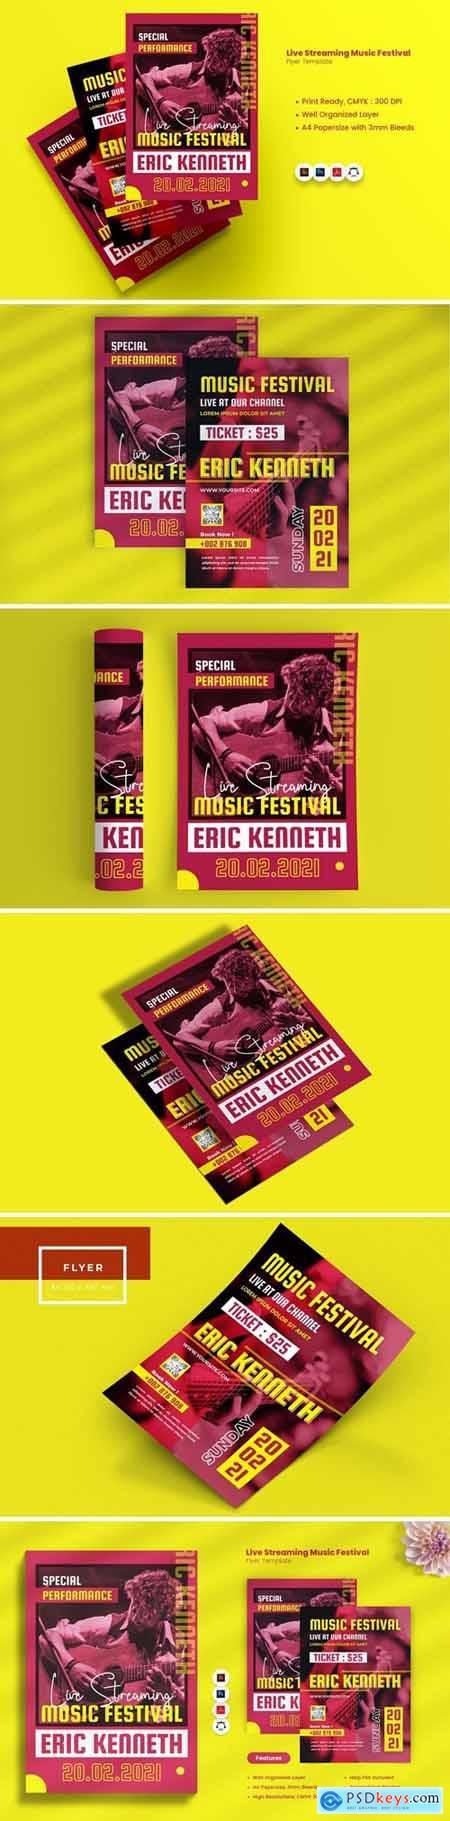 Live Streaming Music Festival Flyer